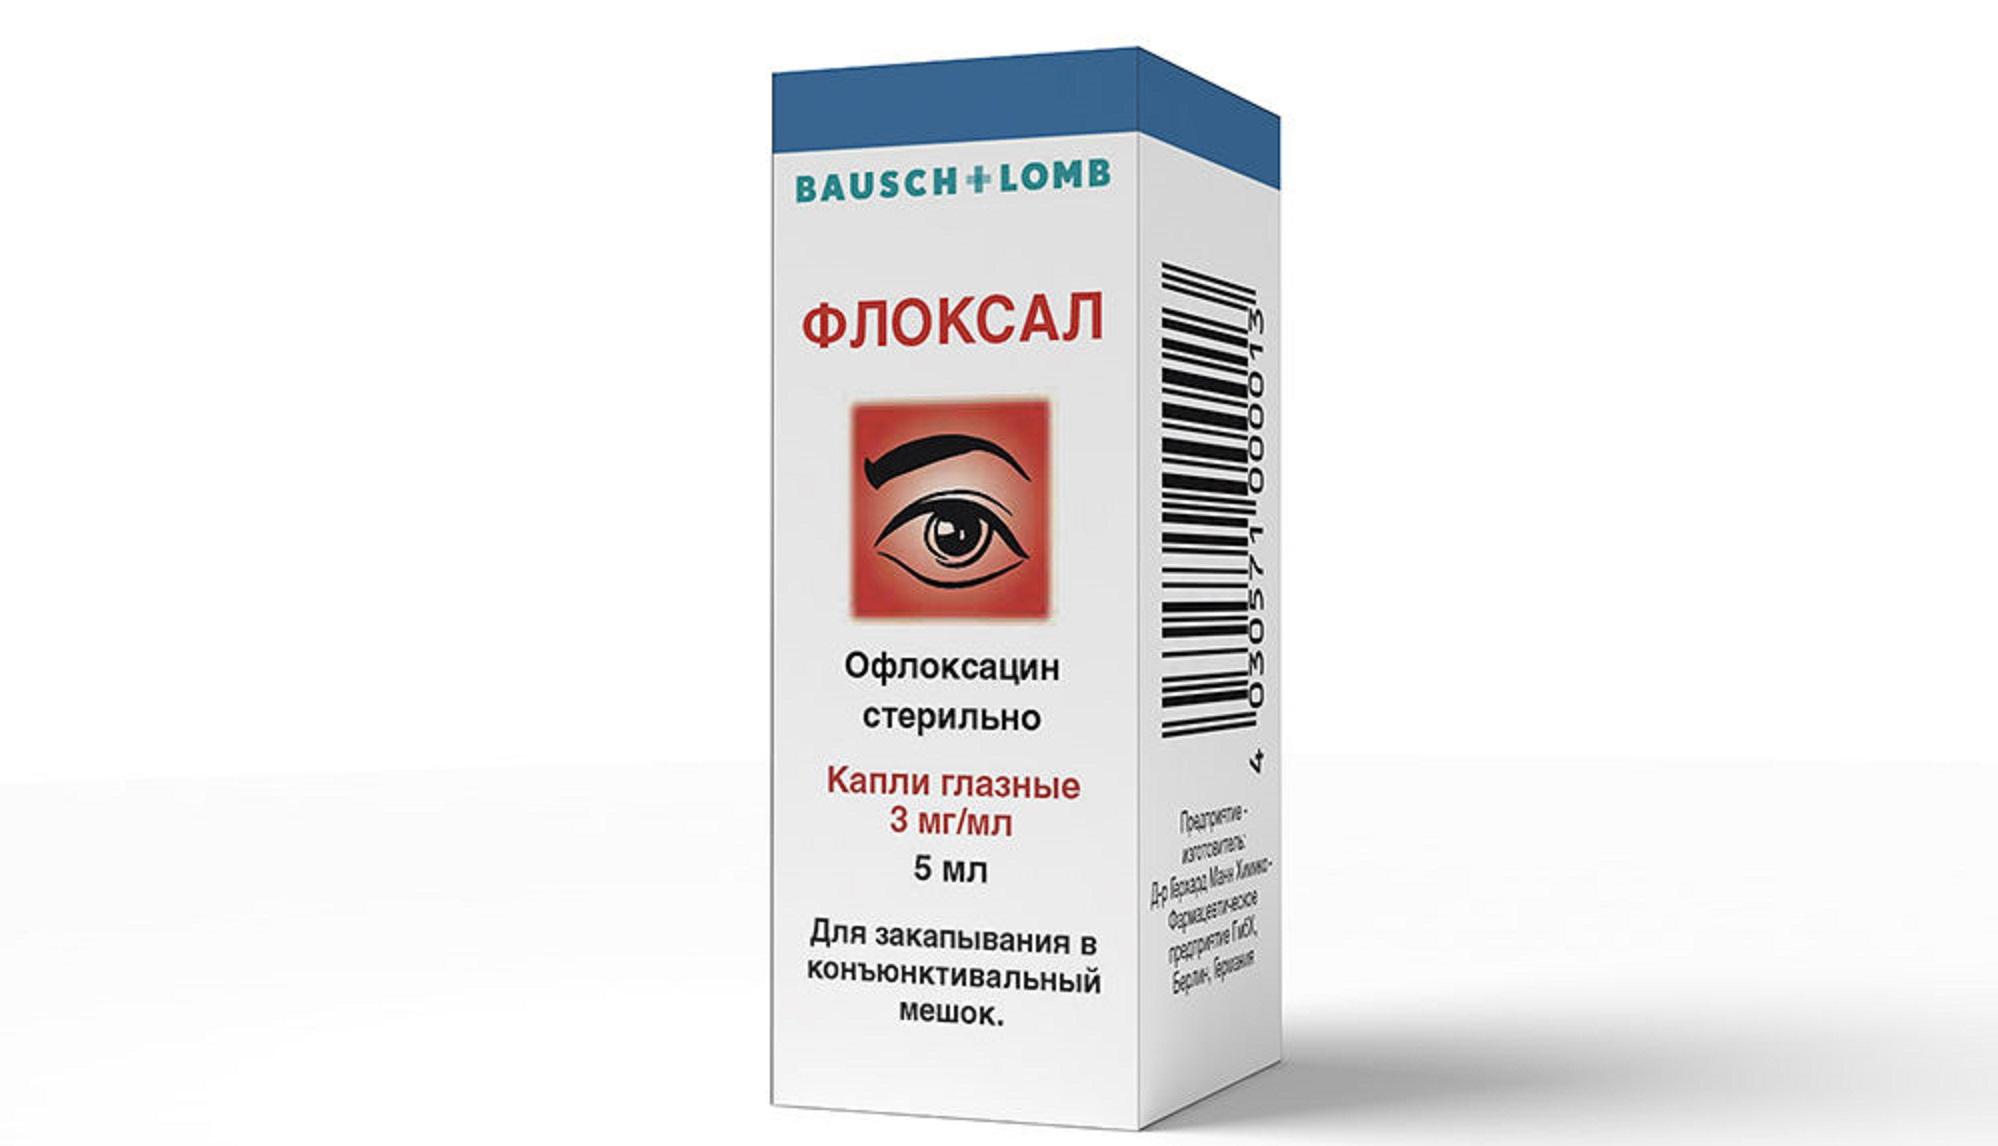 Флоксал глазные капли и мазь: инструкция по применению, аналоги и отзывы, цены в аптеках россии